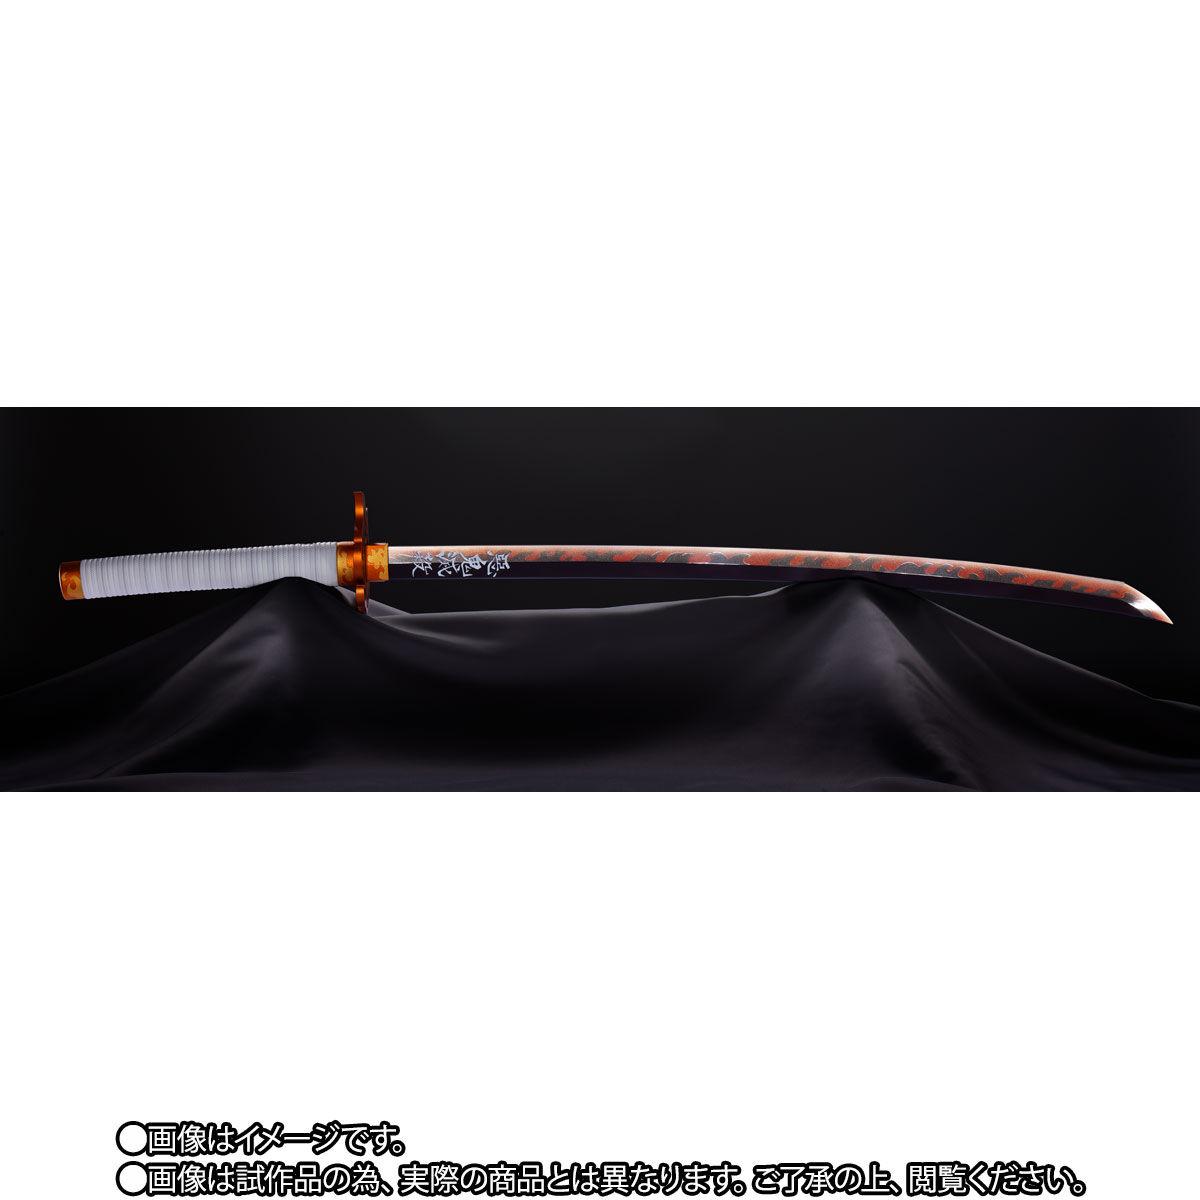 【限定販売】PROPLICA プロップリカ『日輪刀(煉獄杏寿郎)』鬼滅の刃 変身なりきり-004